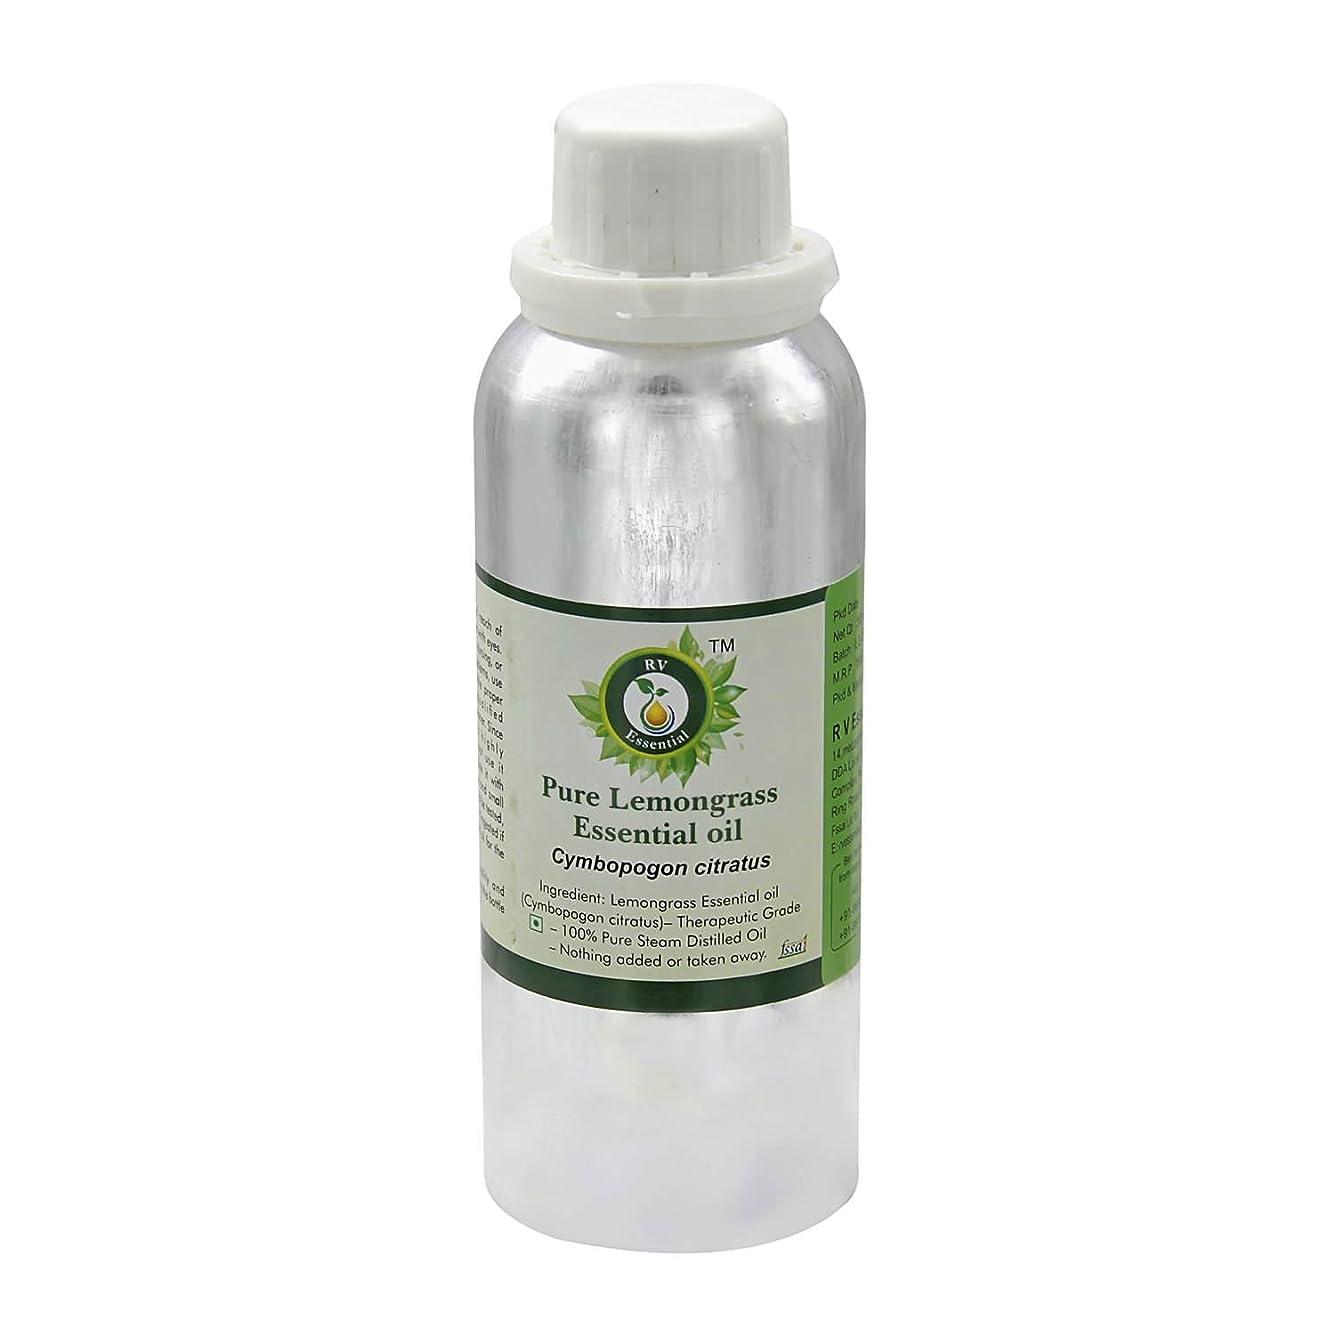 リダクター大宇宙さようならR V Essential ピュアレモングラスエッセンシャルオイル1250ml (42oz)- Cymbopogon Citratus (100%純粋&天然スチームDistilled) Pure Lemongrass Essential Oil